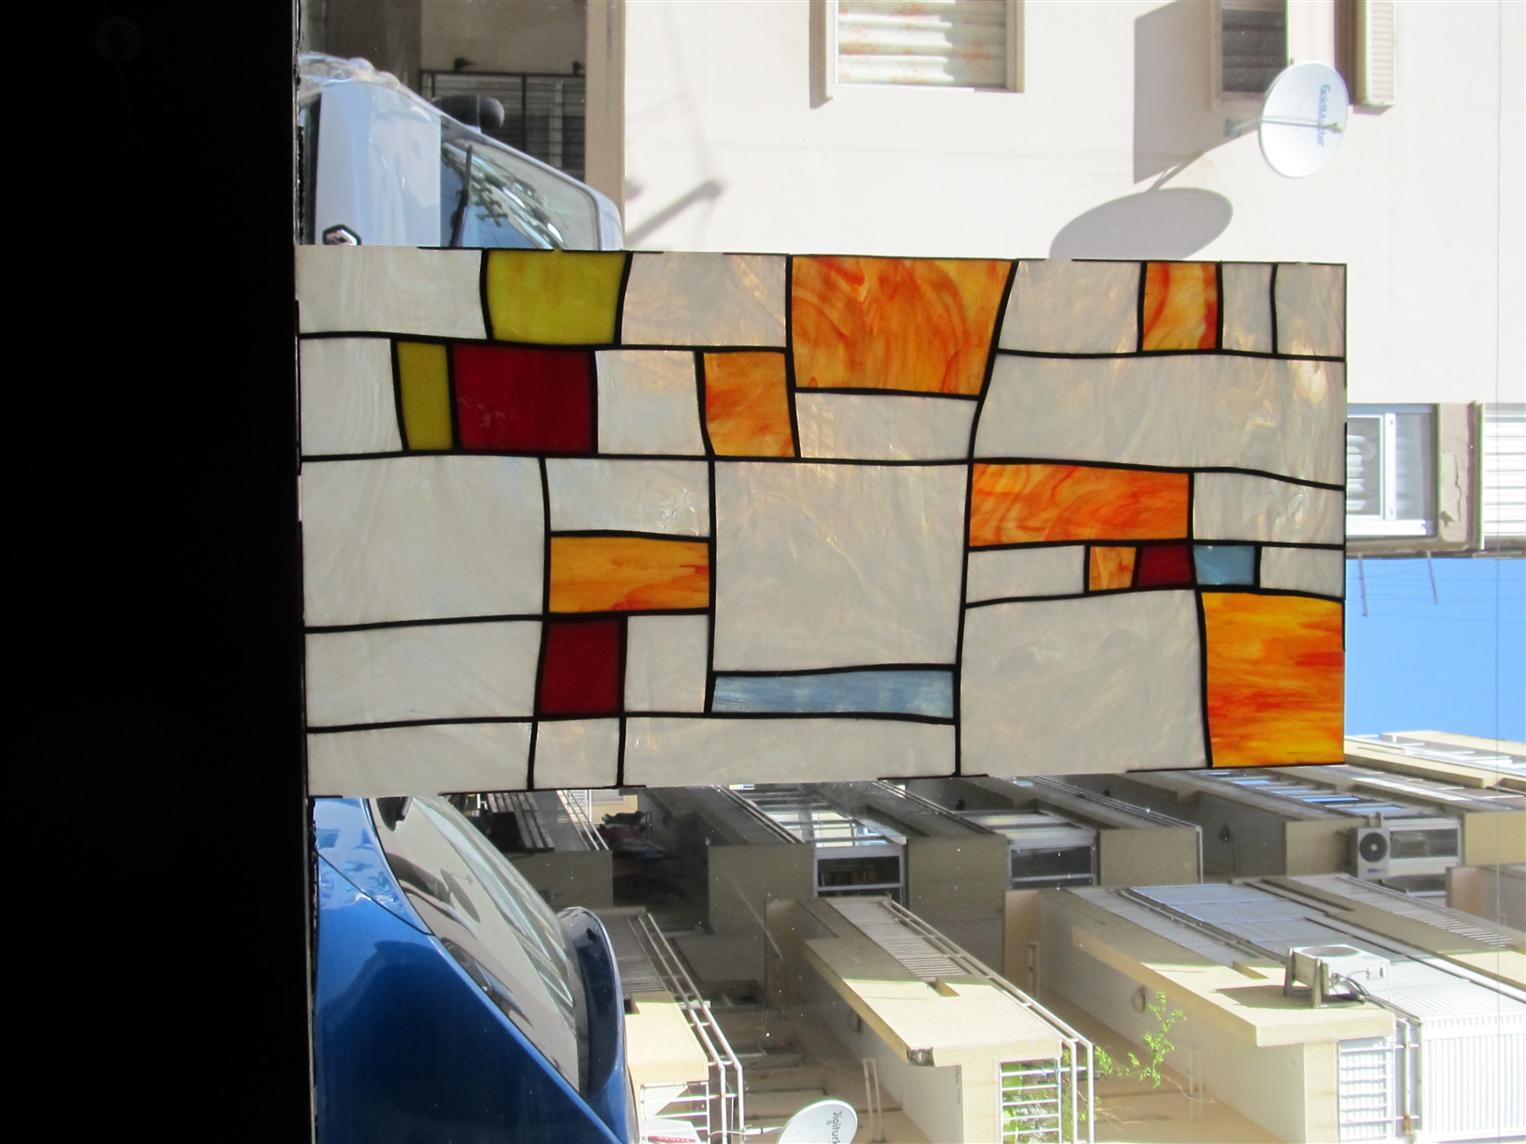 efes-cefe-patisserie201592295350287.jpg izmir vitray çalışması